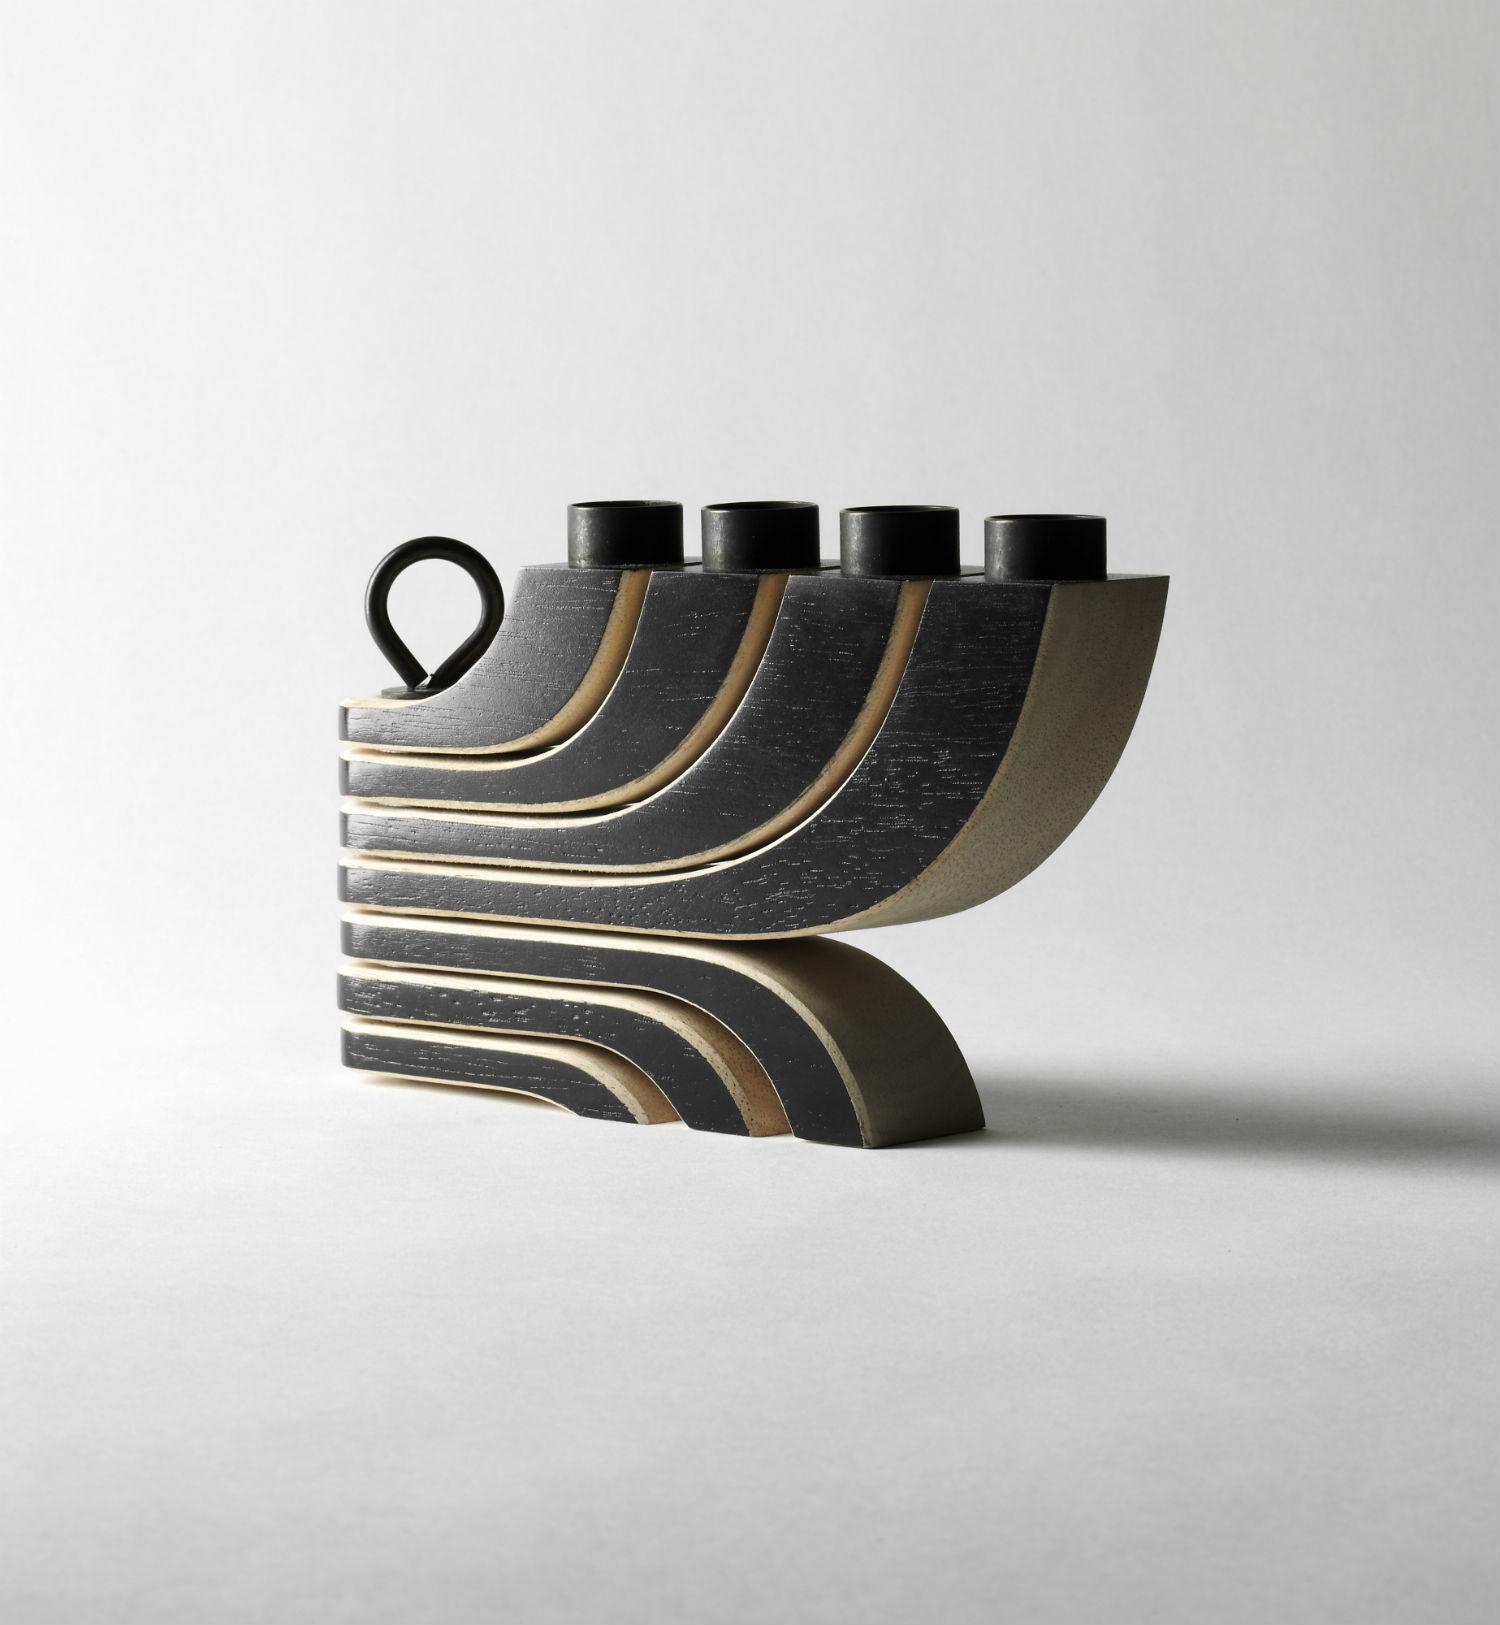 Chandelier-bougeoir-design-nordic-light-04